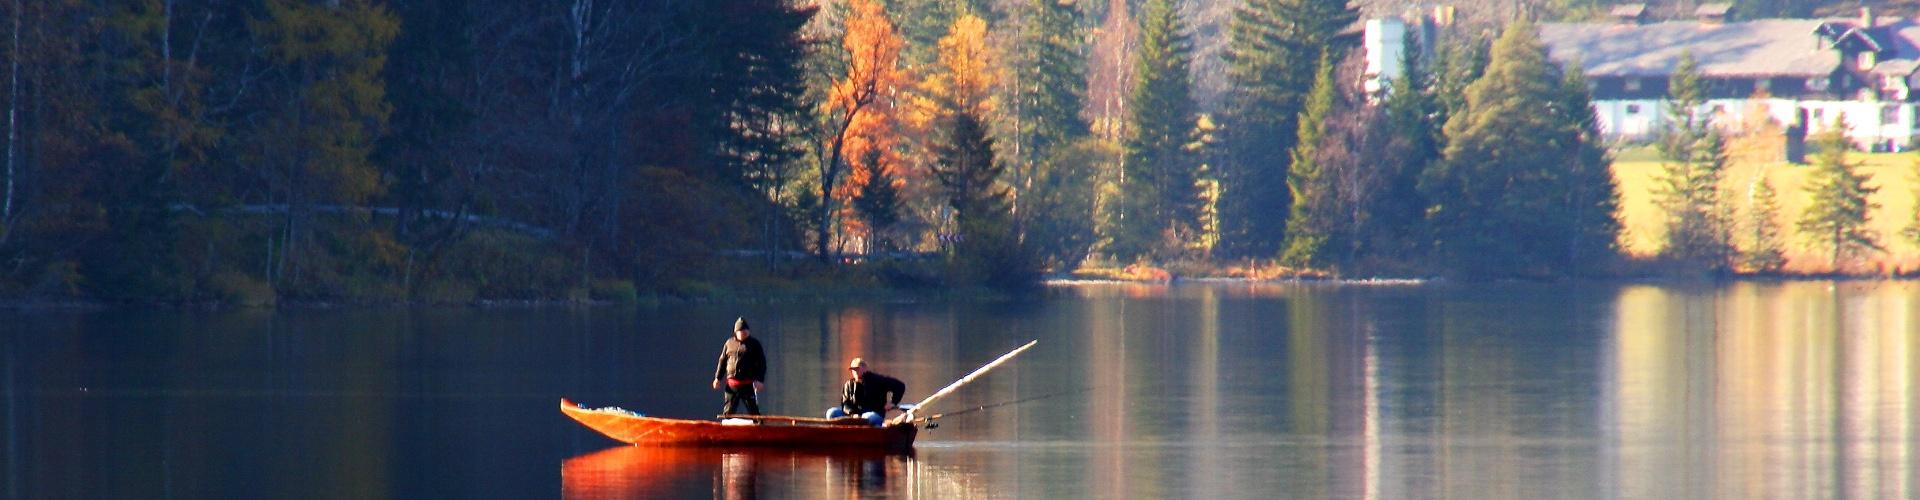 Fischen am Erlaufsee, © www.mariazell.blog